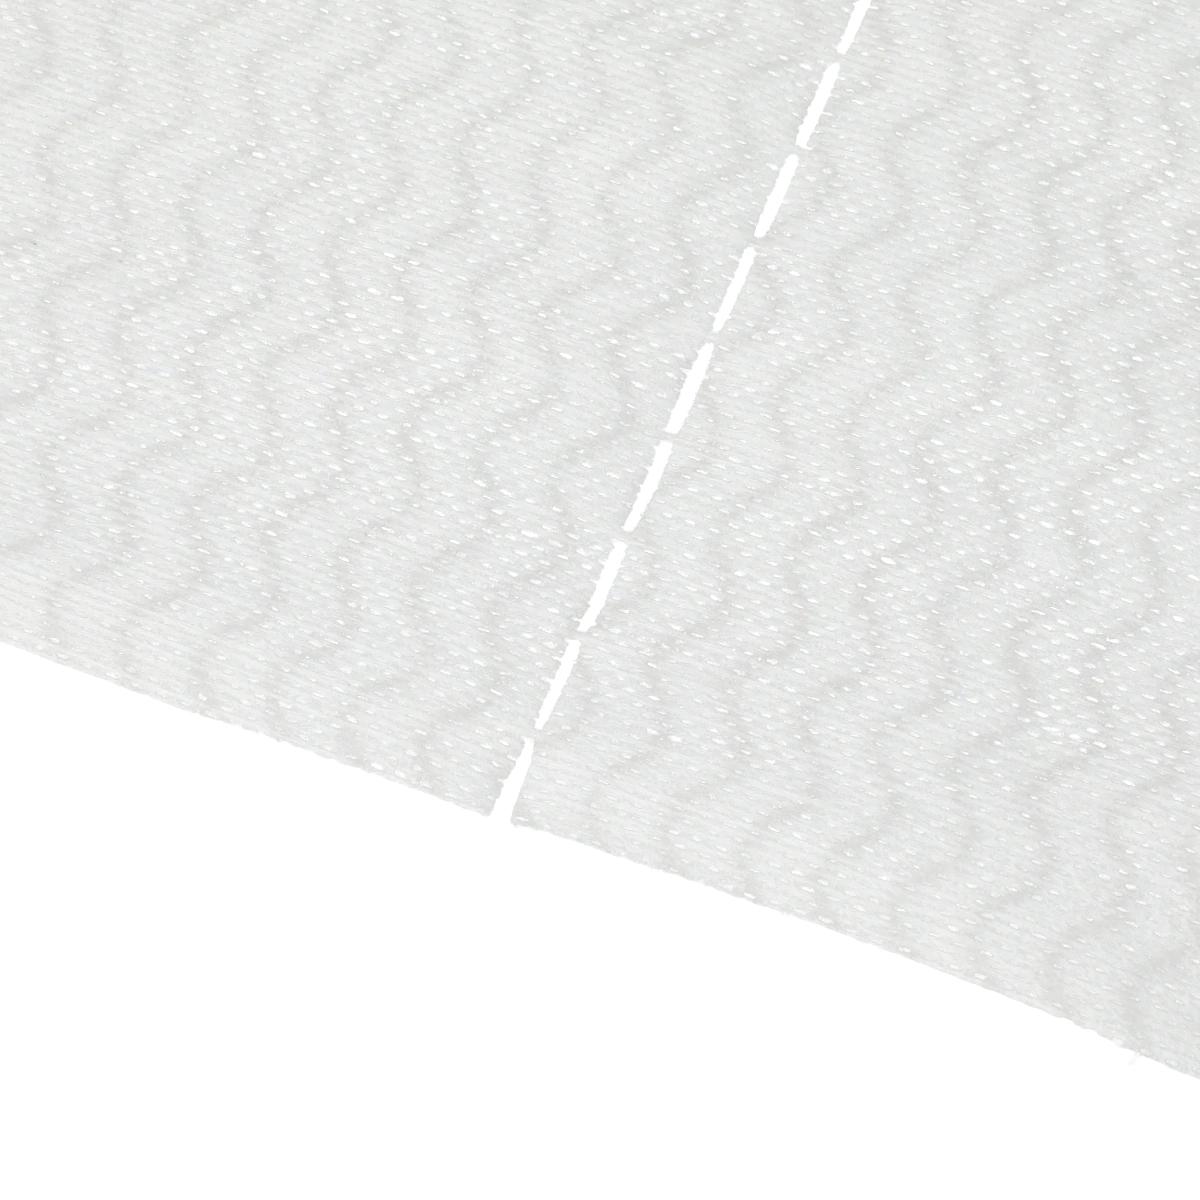 NITORI(ニトリ) カット式台ふきん 42カットの商品画像5